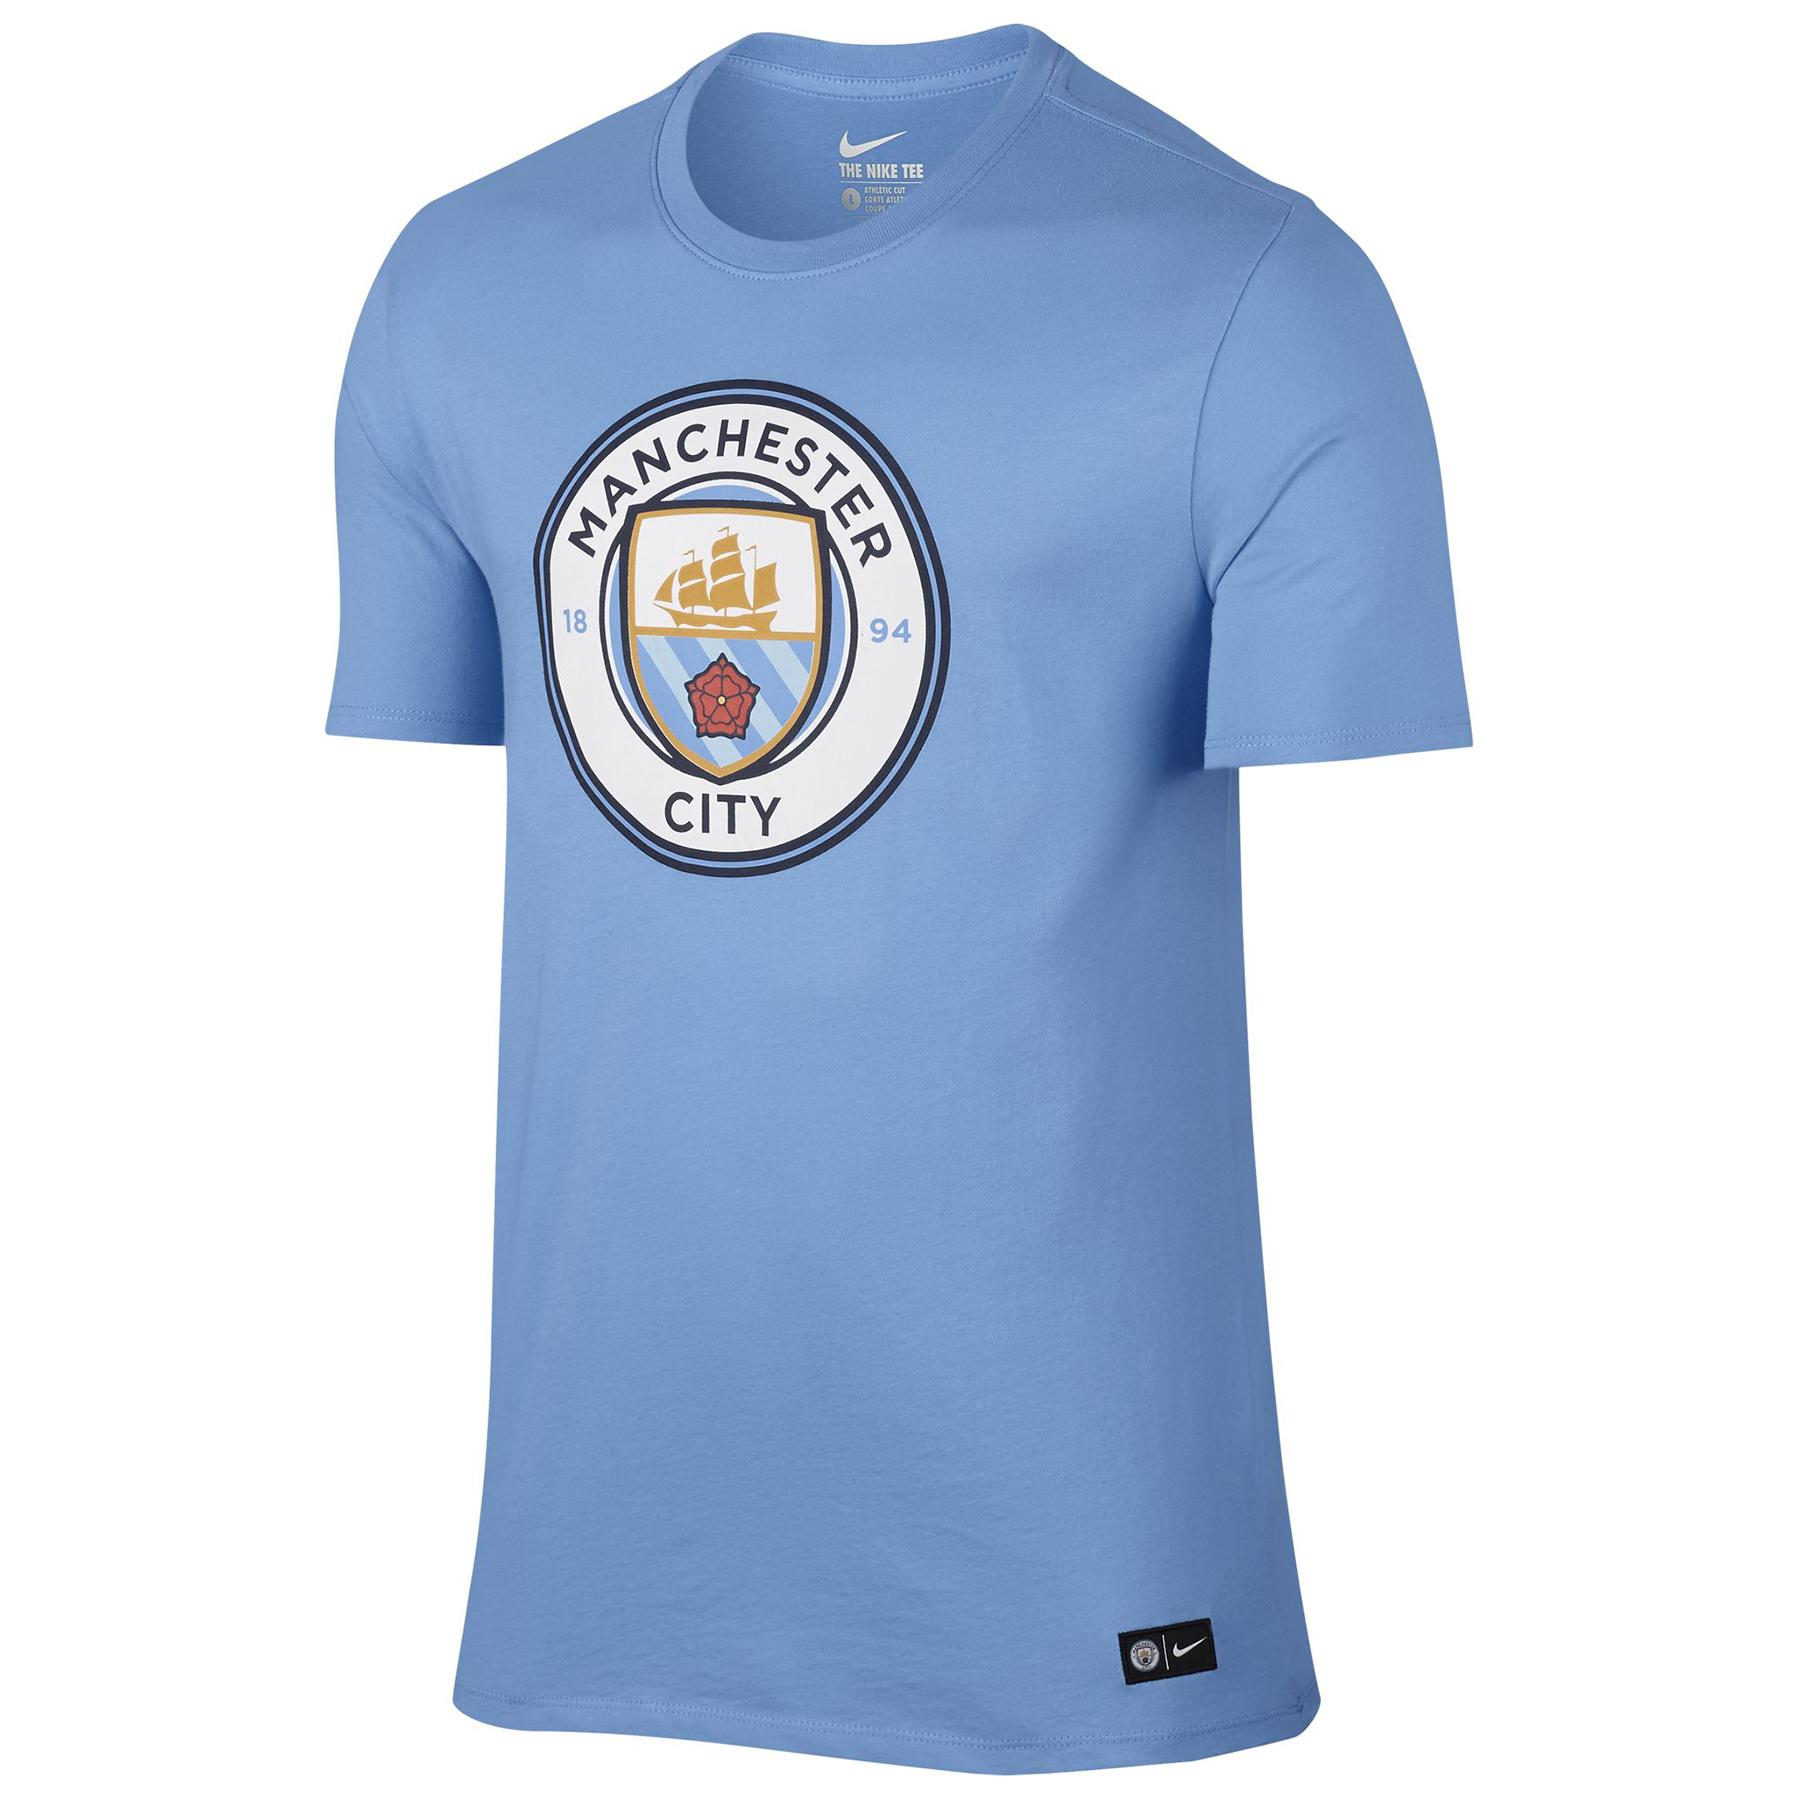 Manchester City Crest T-Shirt - Lt Blue